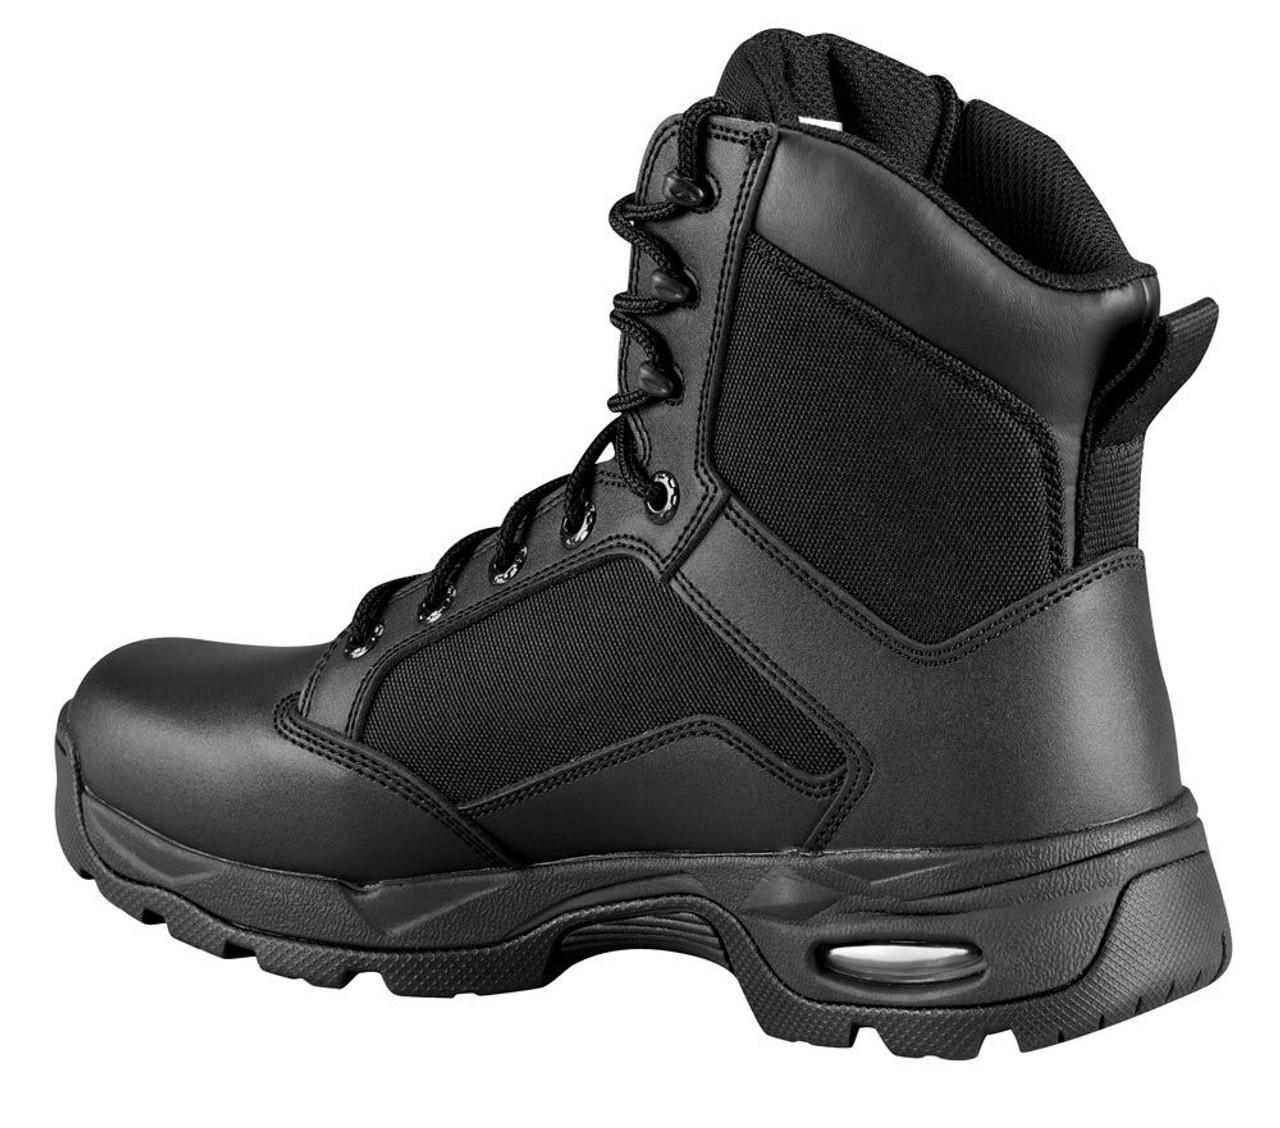 PROPPER DURALIGHT TACTICAL BOOTS F4530 / BLACK